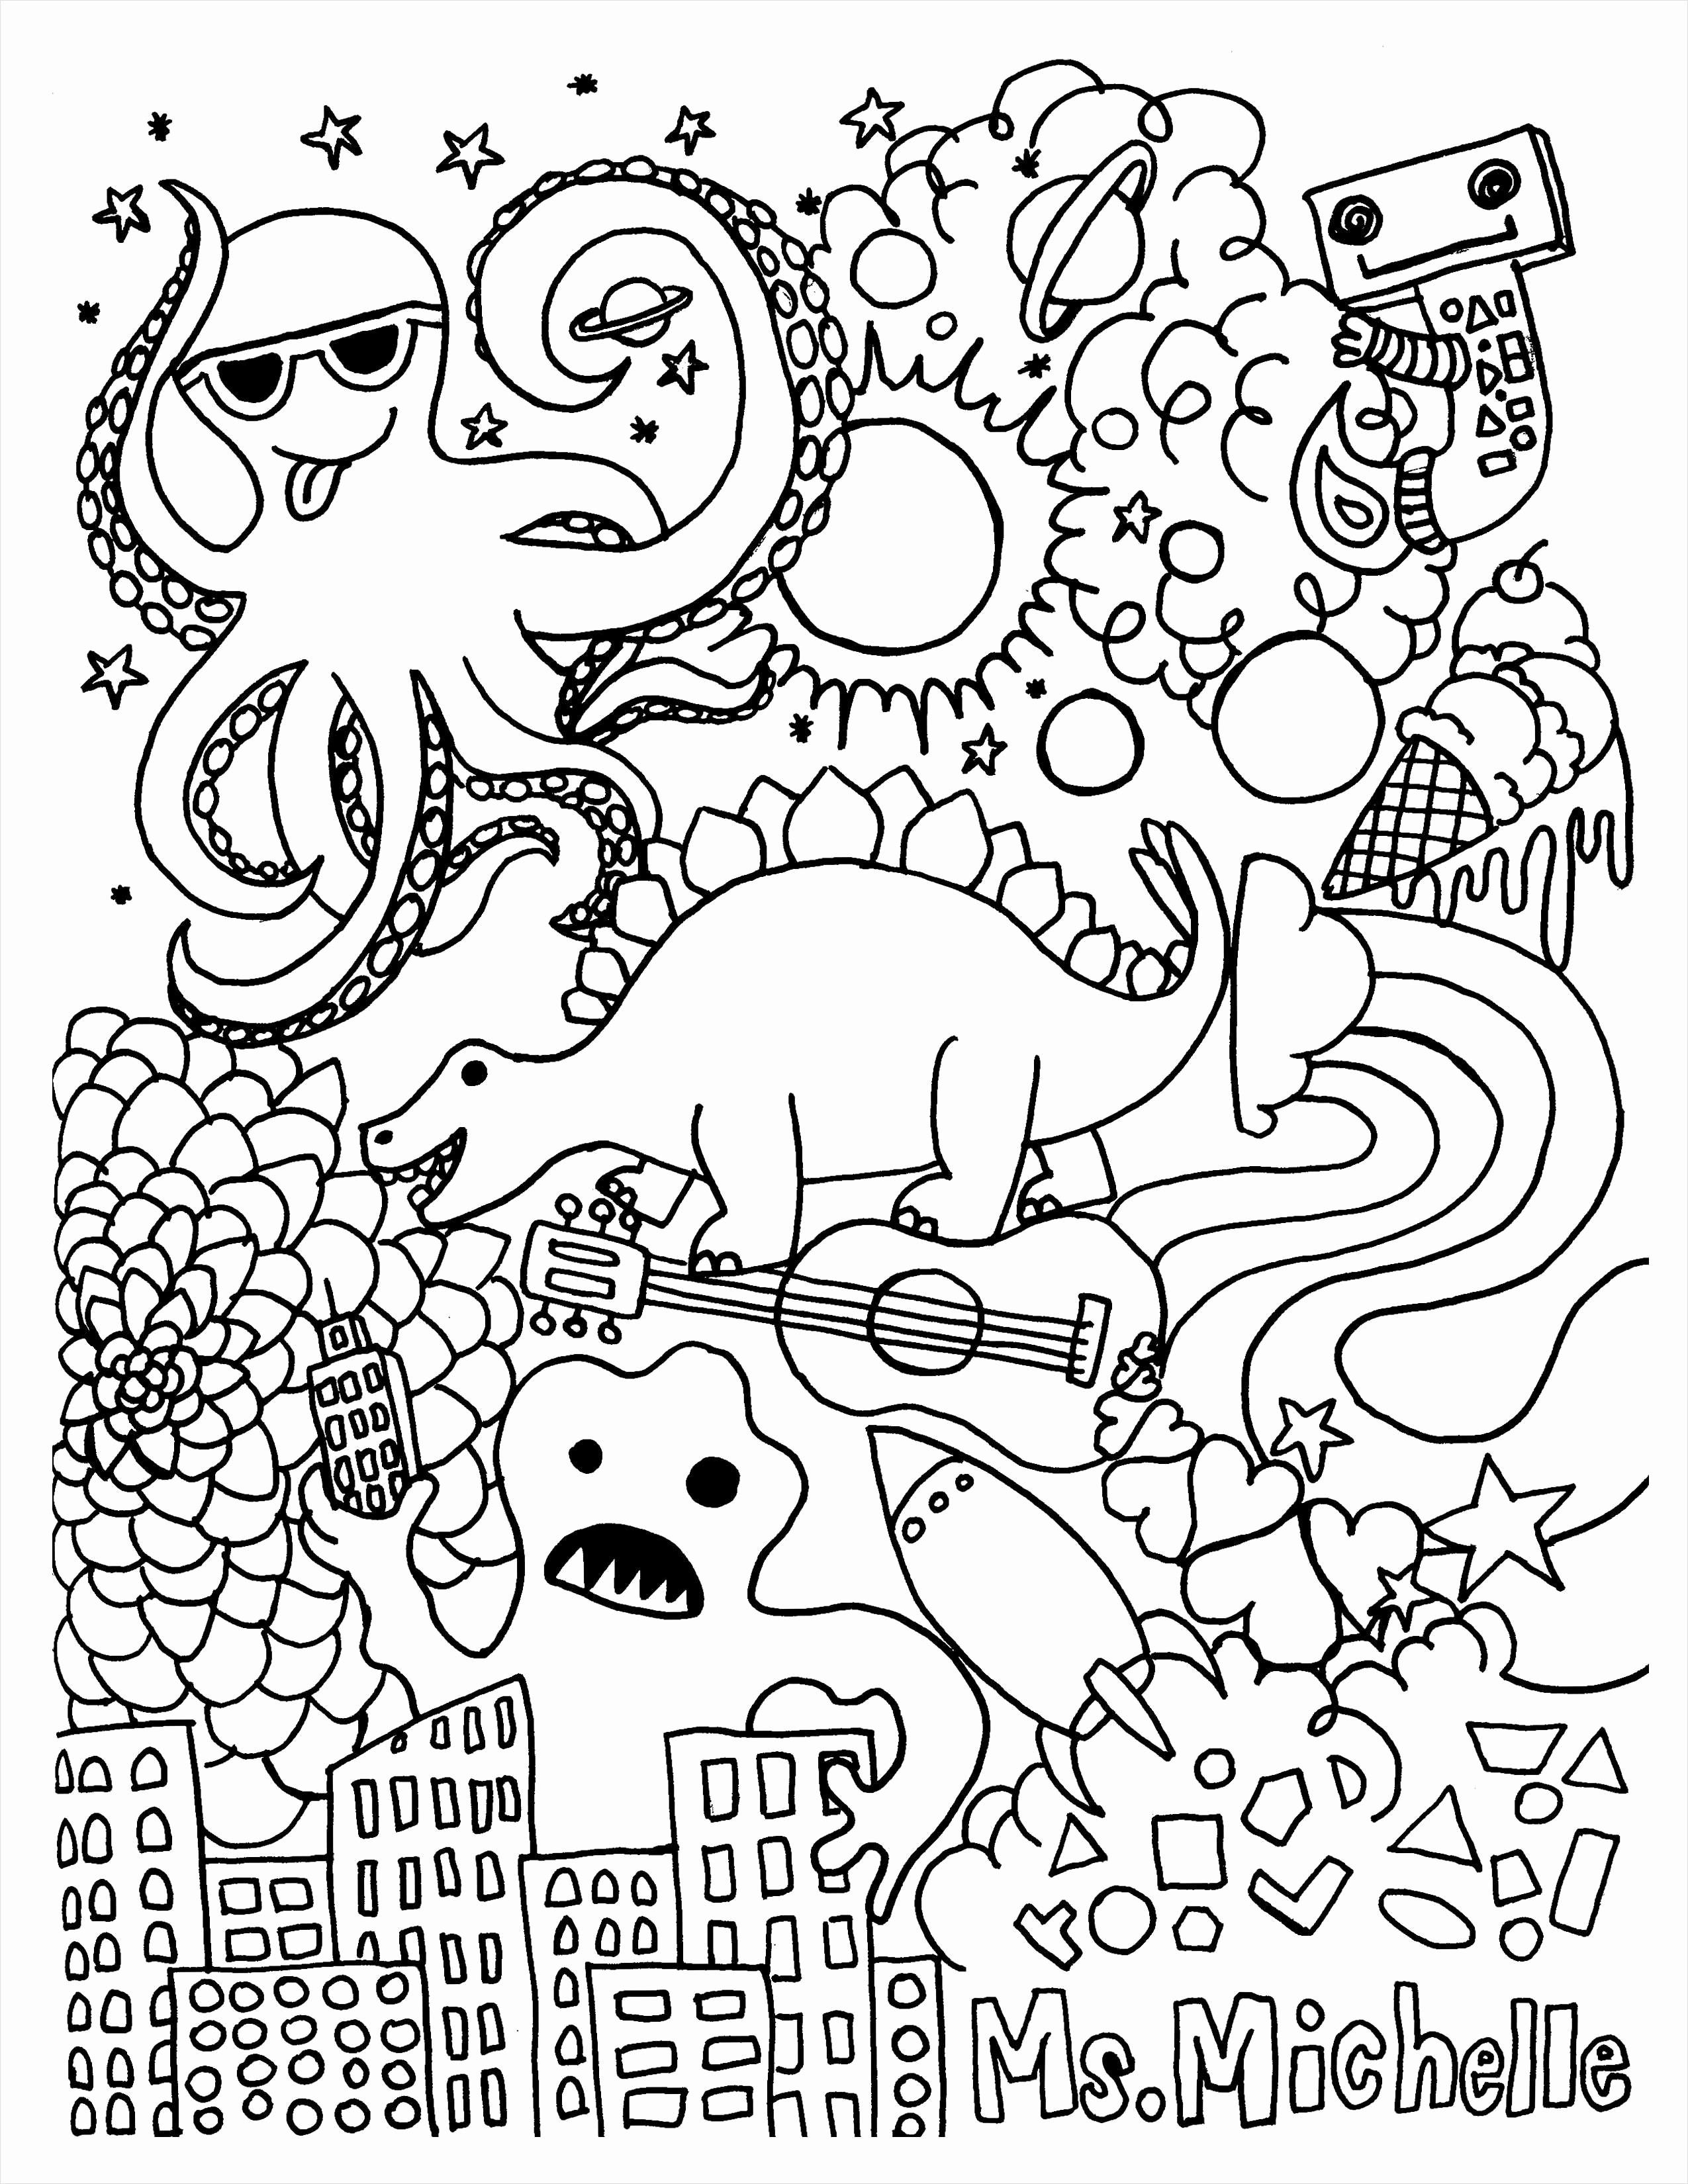 Ausmalbilder Dragons Auf Zu Neuen Ufern Das Beste Von Graffiti Coloring Pages Gallery thephotosync Best Ausmalbilder Fotografieren